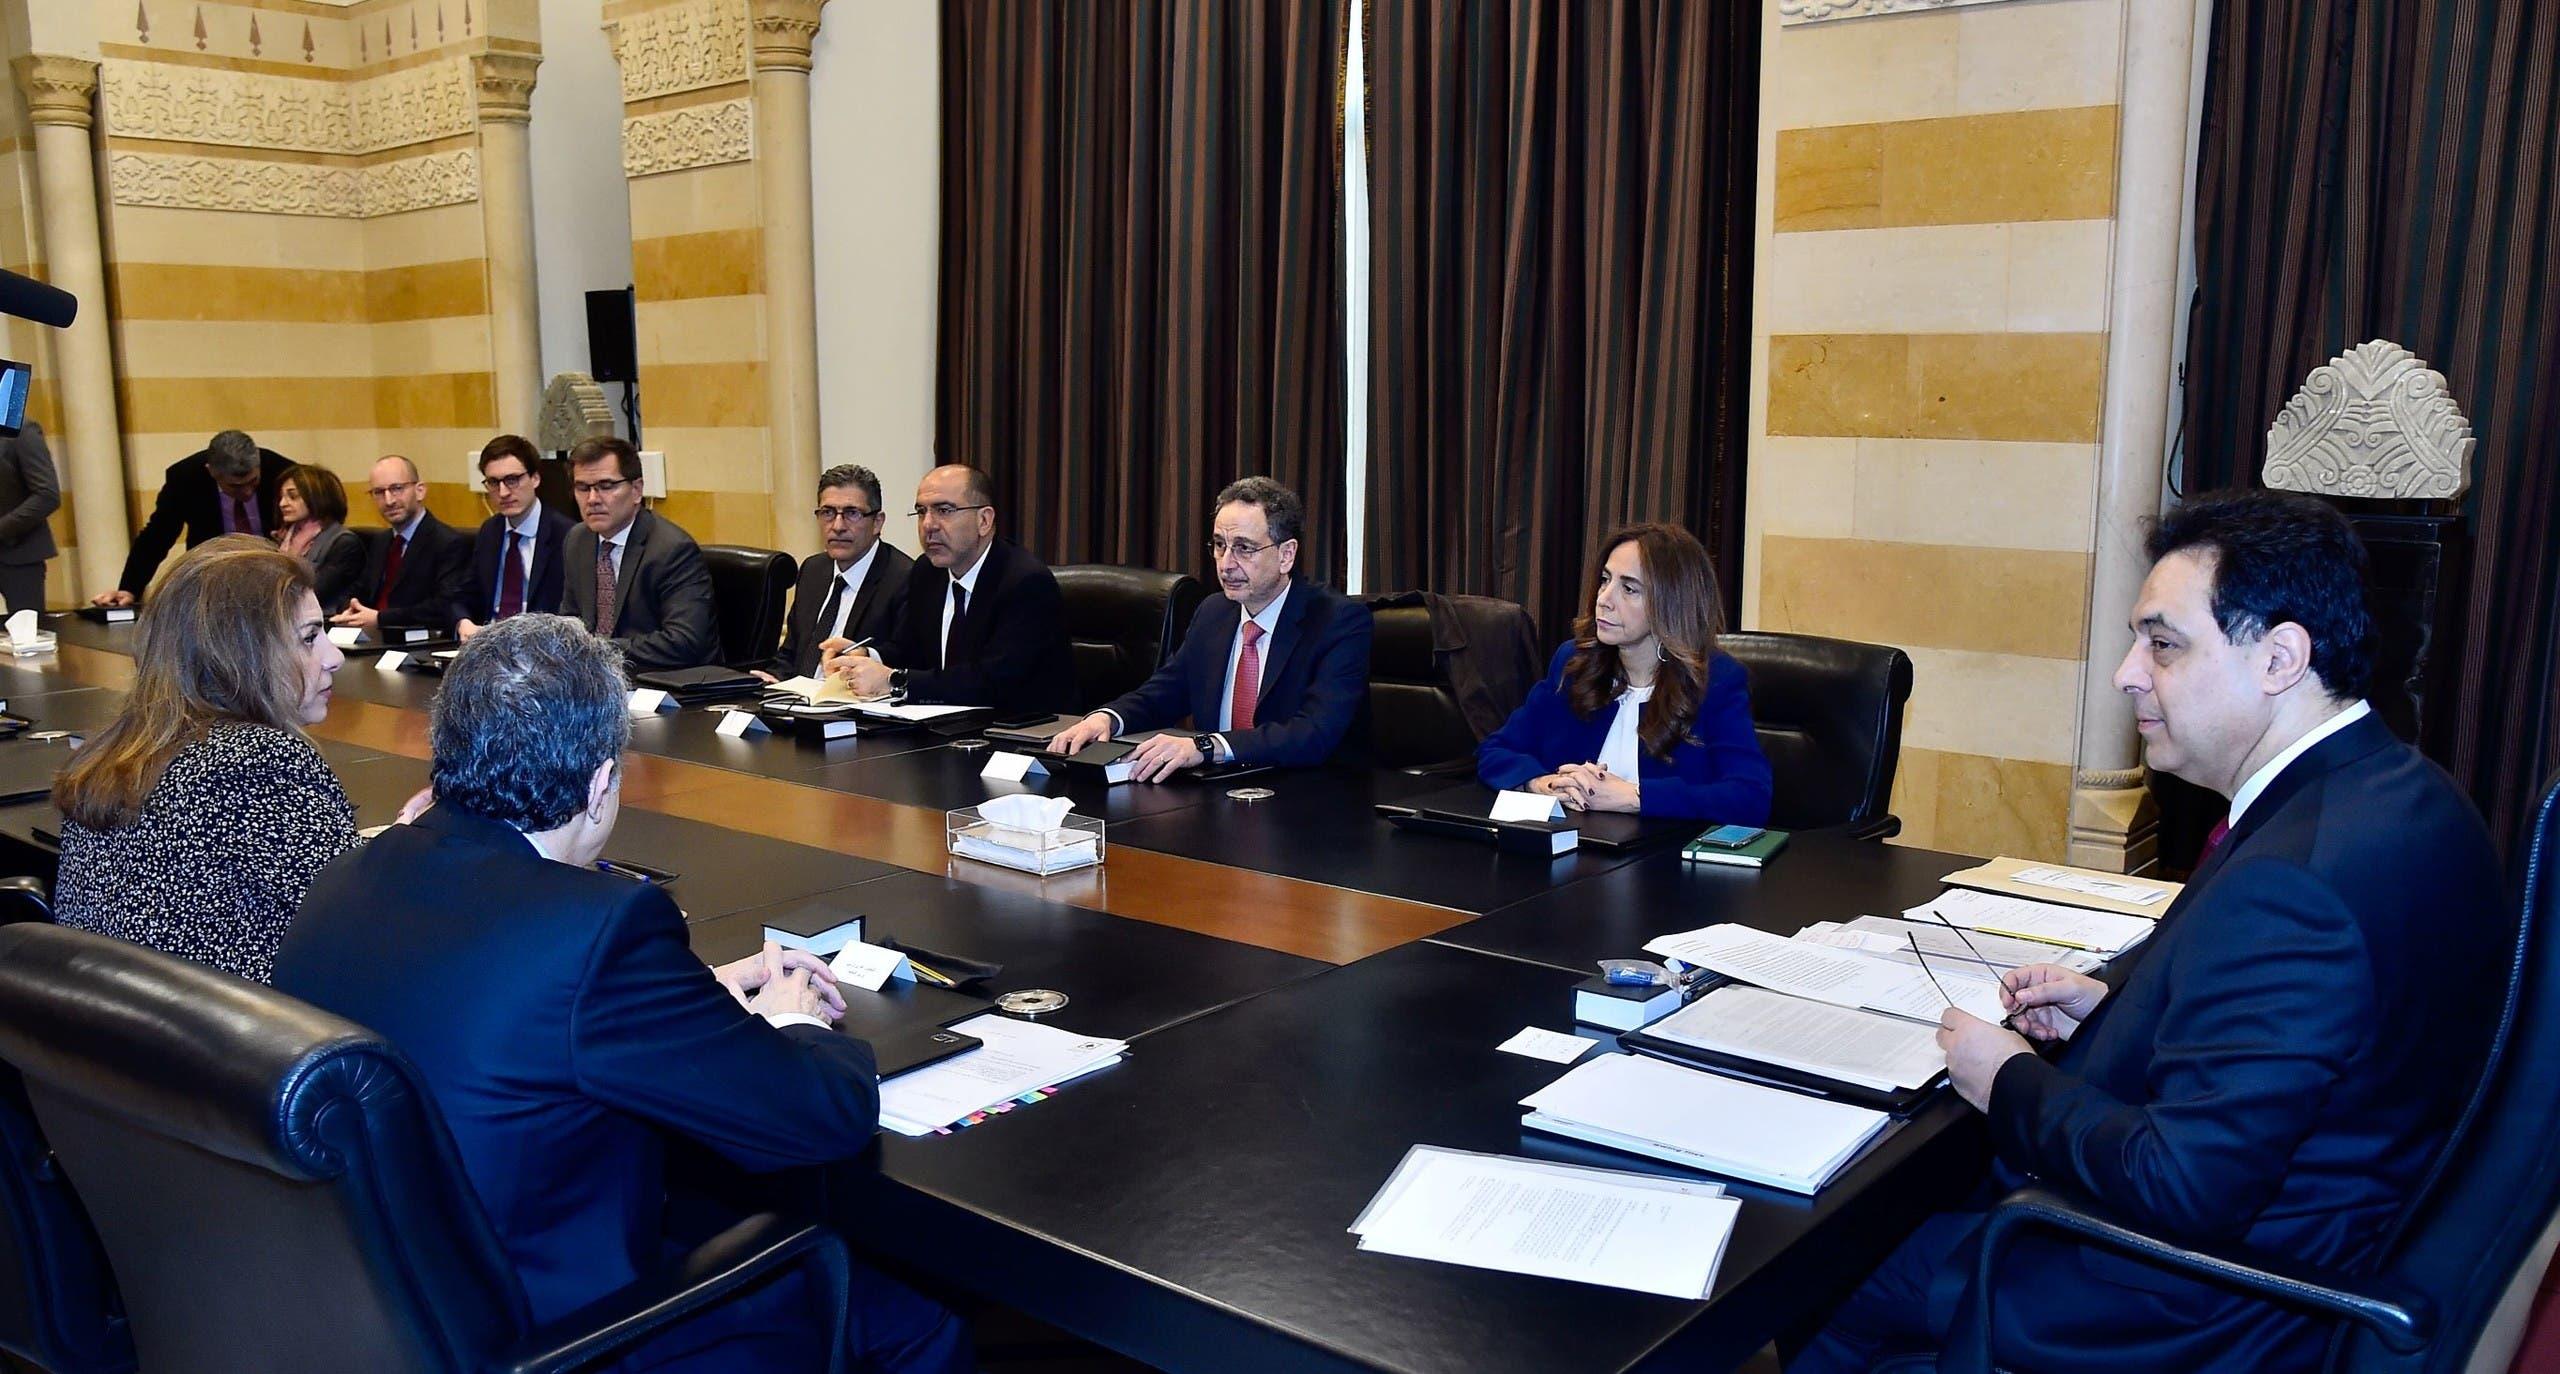 الحكومة مجتمعة مع ممثلين عن صندوق النقد - أرشيفية